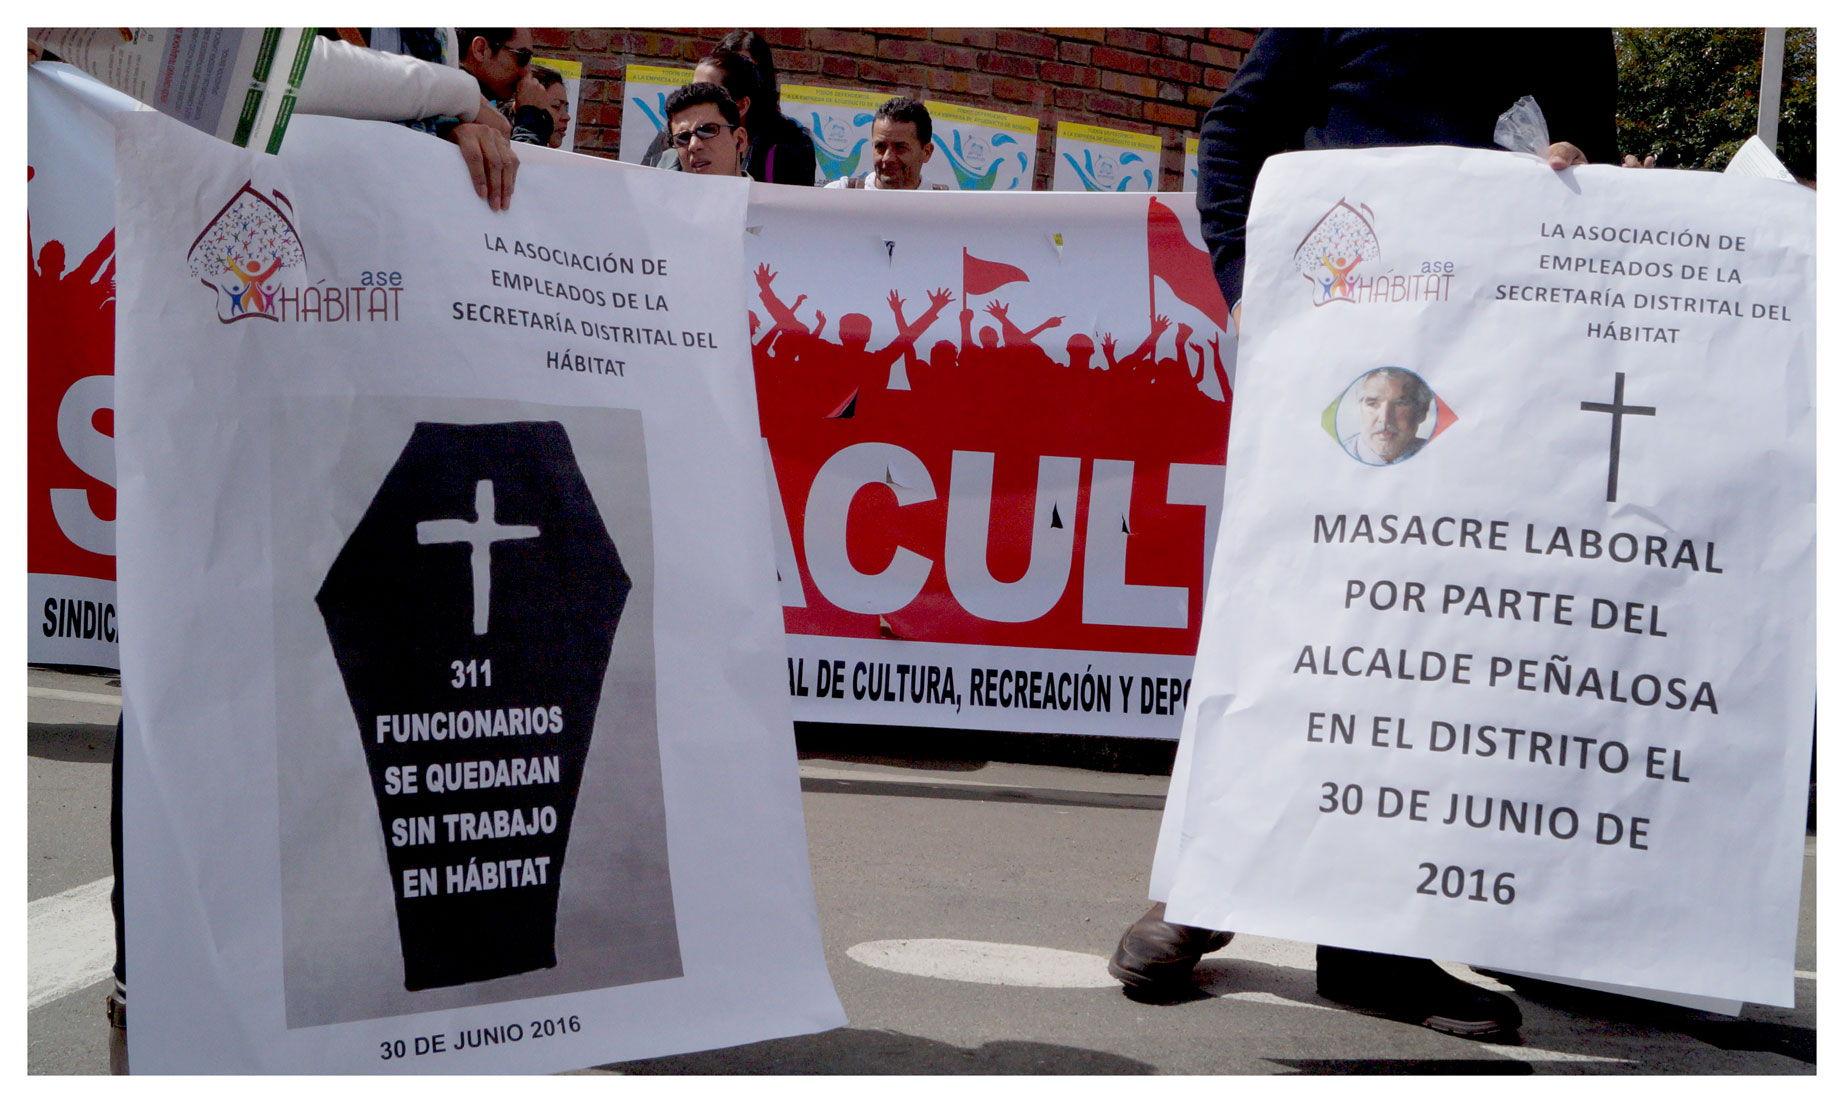 Concejal Manuel Sarmiento respalda justa protesta de los sindicatos del Distrito contra la masacre laboral que prepara Peñalosa